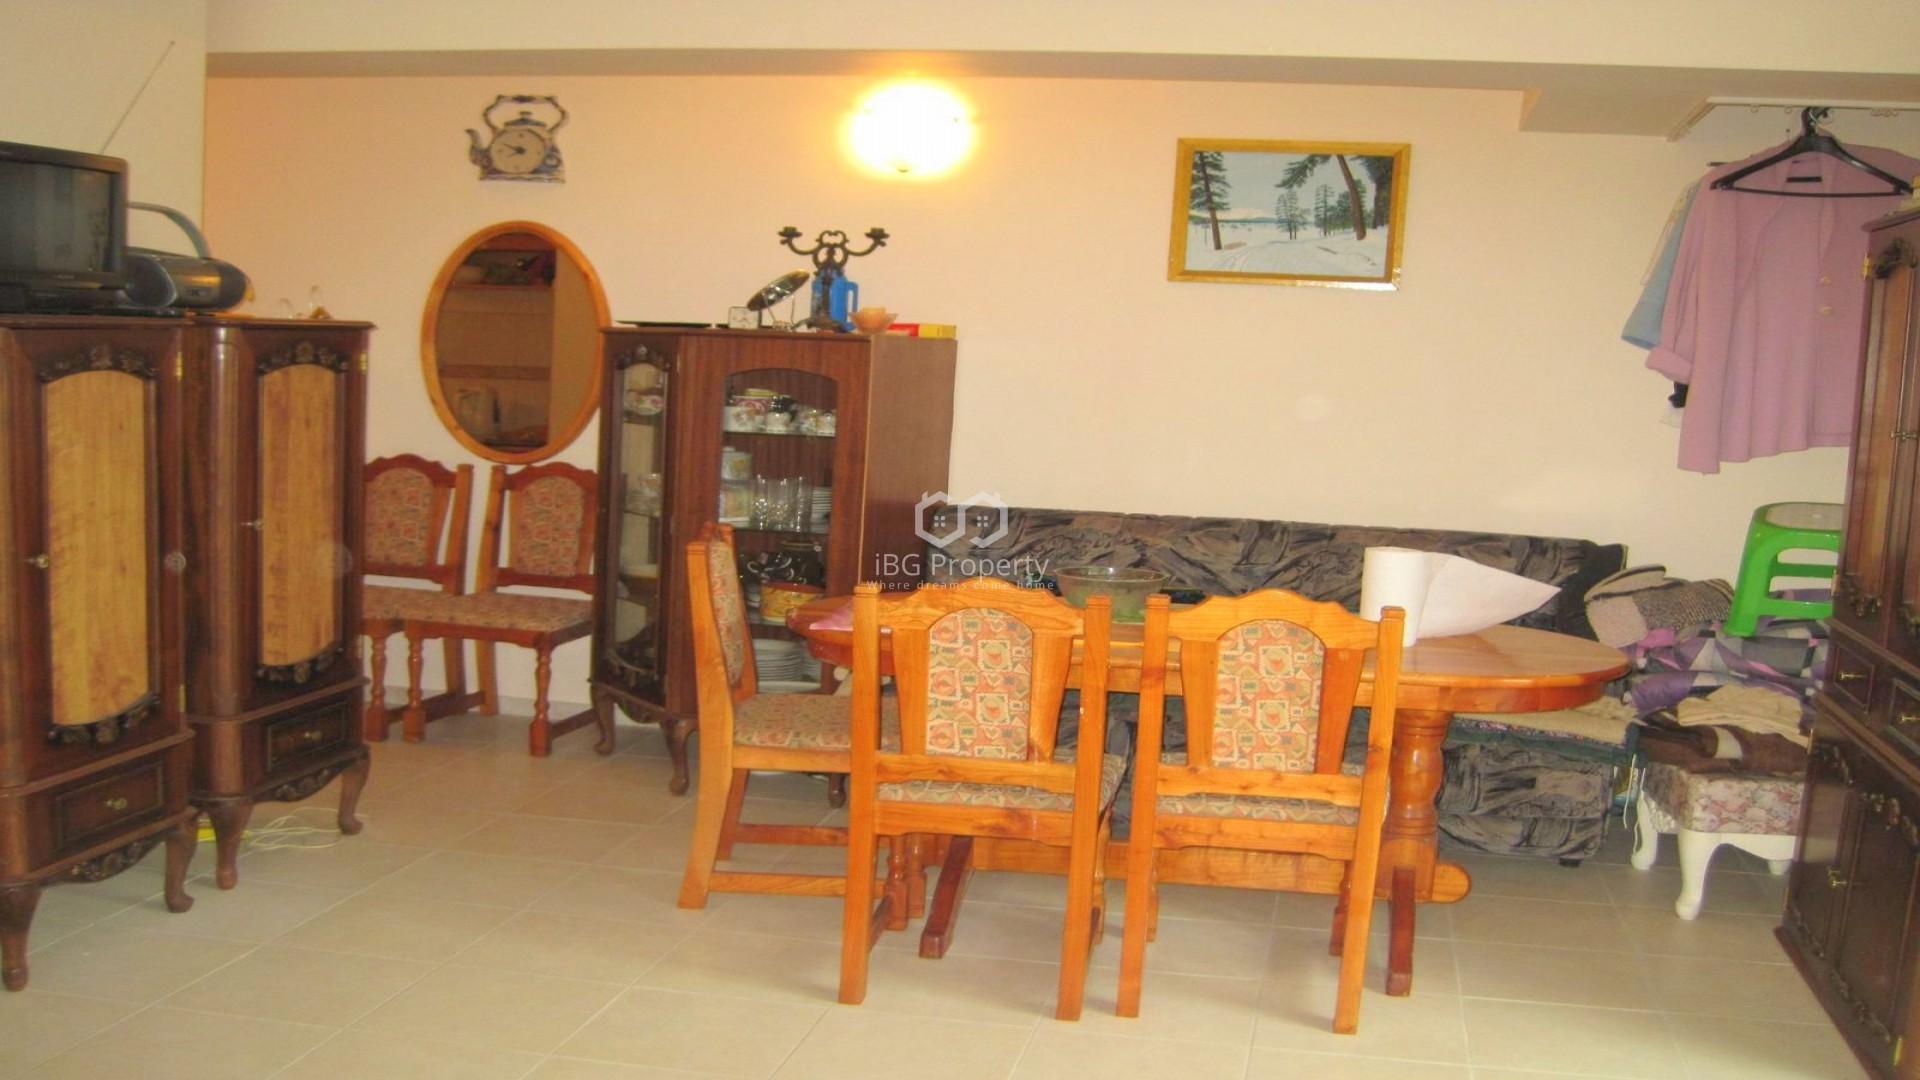 Eдностаен апартамент Свети Влас   59 m2